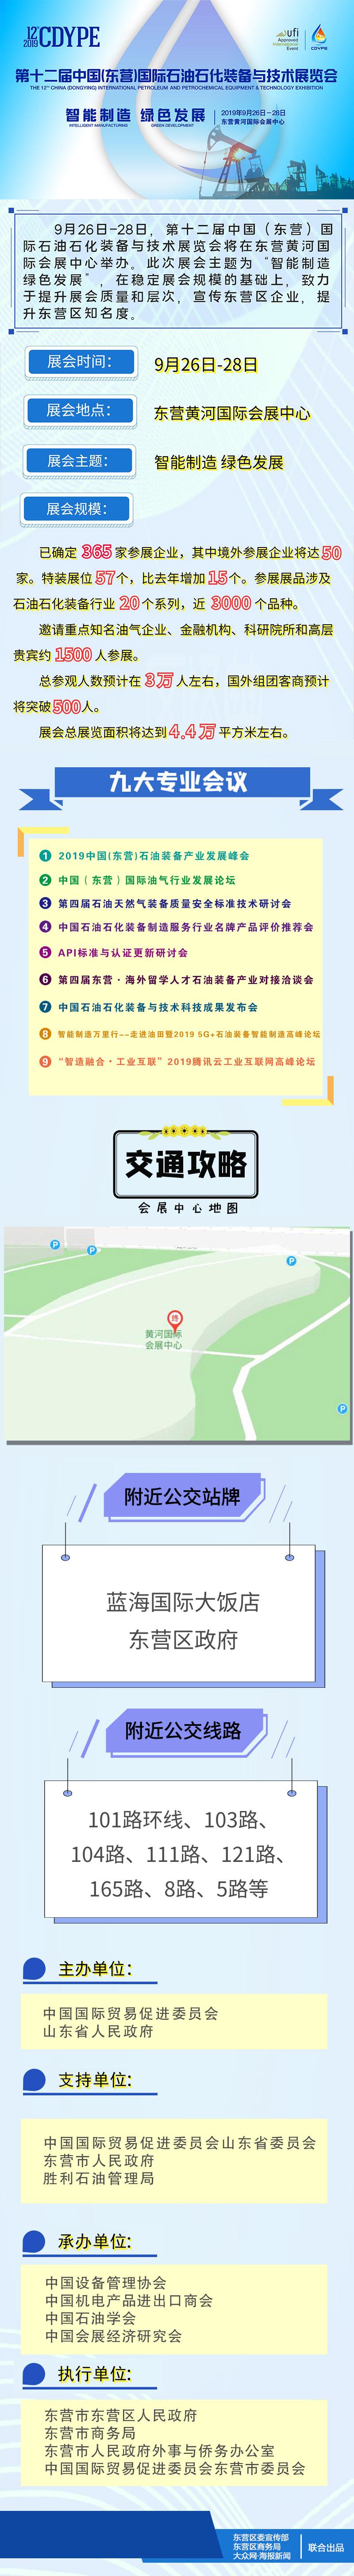 http://www.jienengcc.cn/hongguanjingji/128139.html